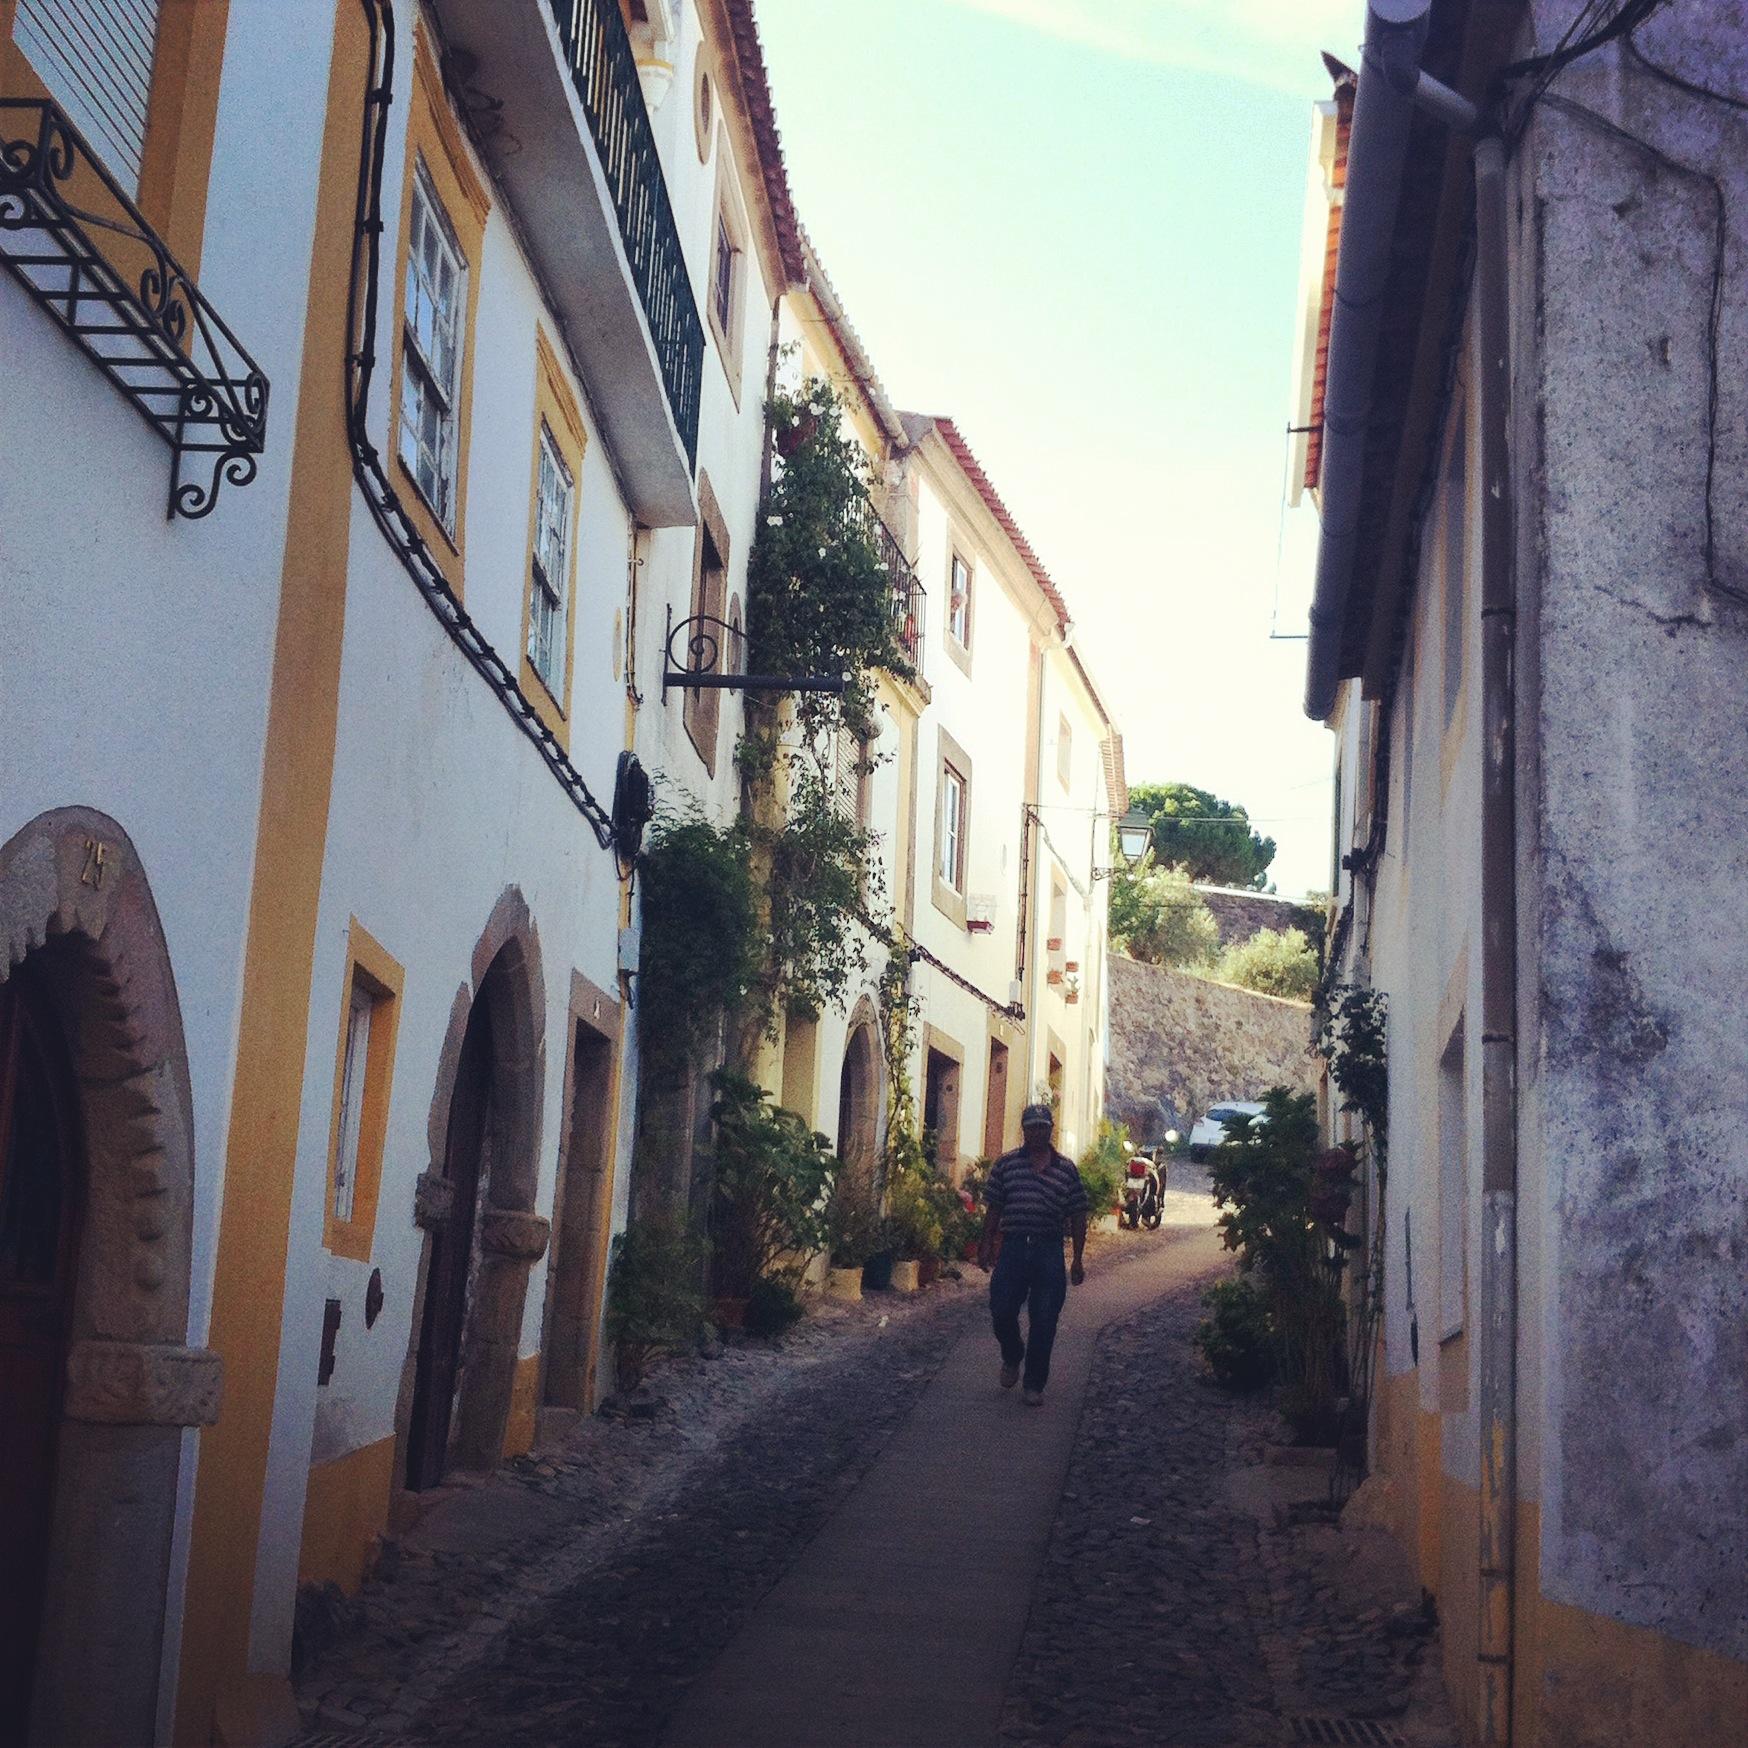 castelo de vide, portugal, alentejo